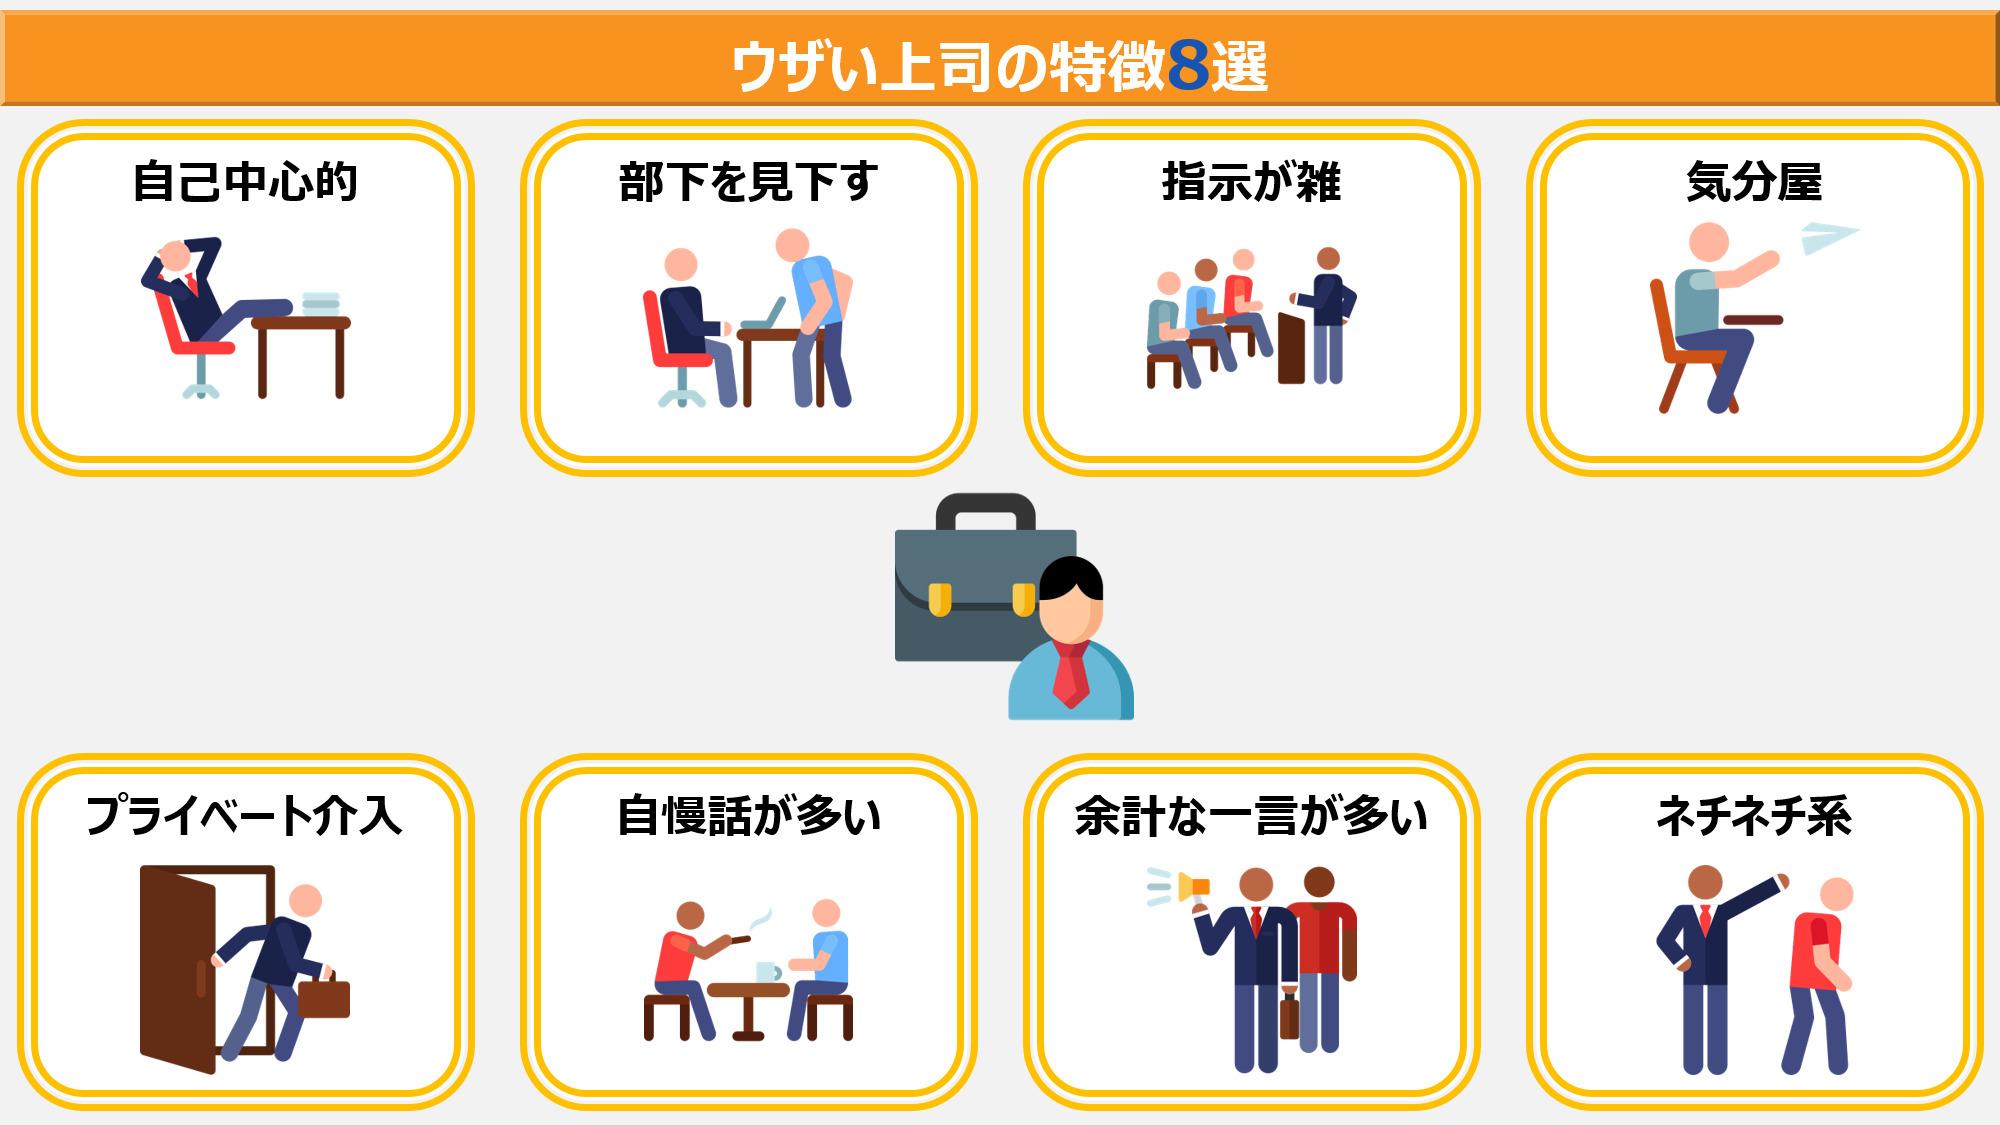 ウザい上司の特徴8選